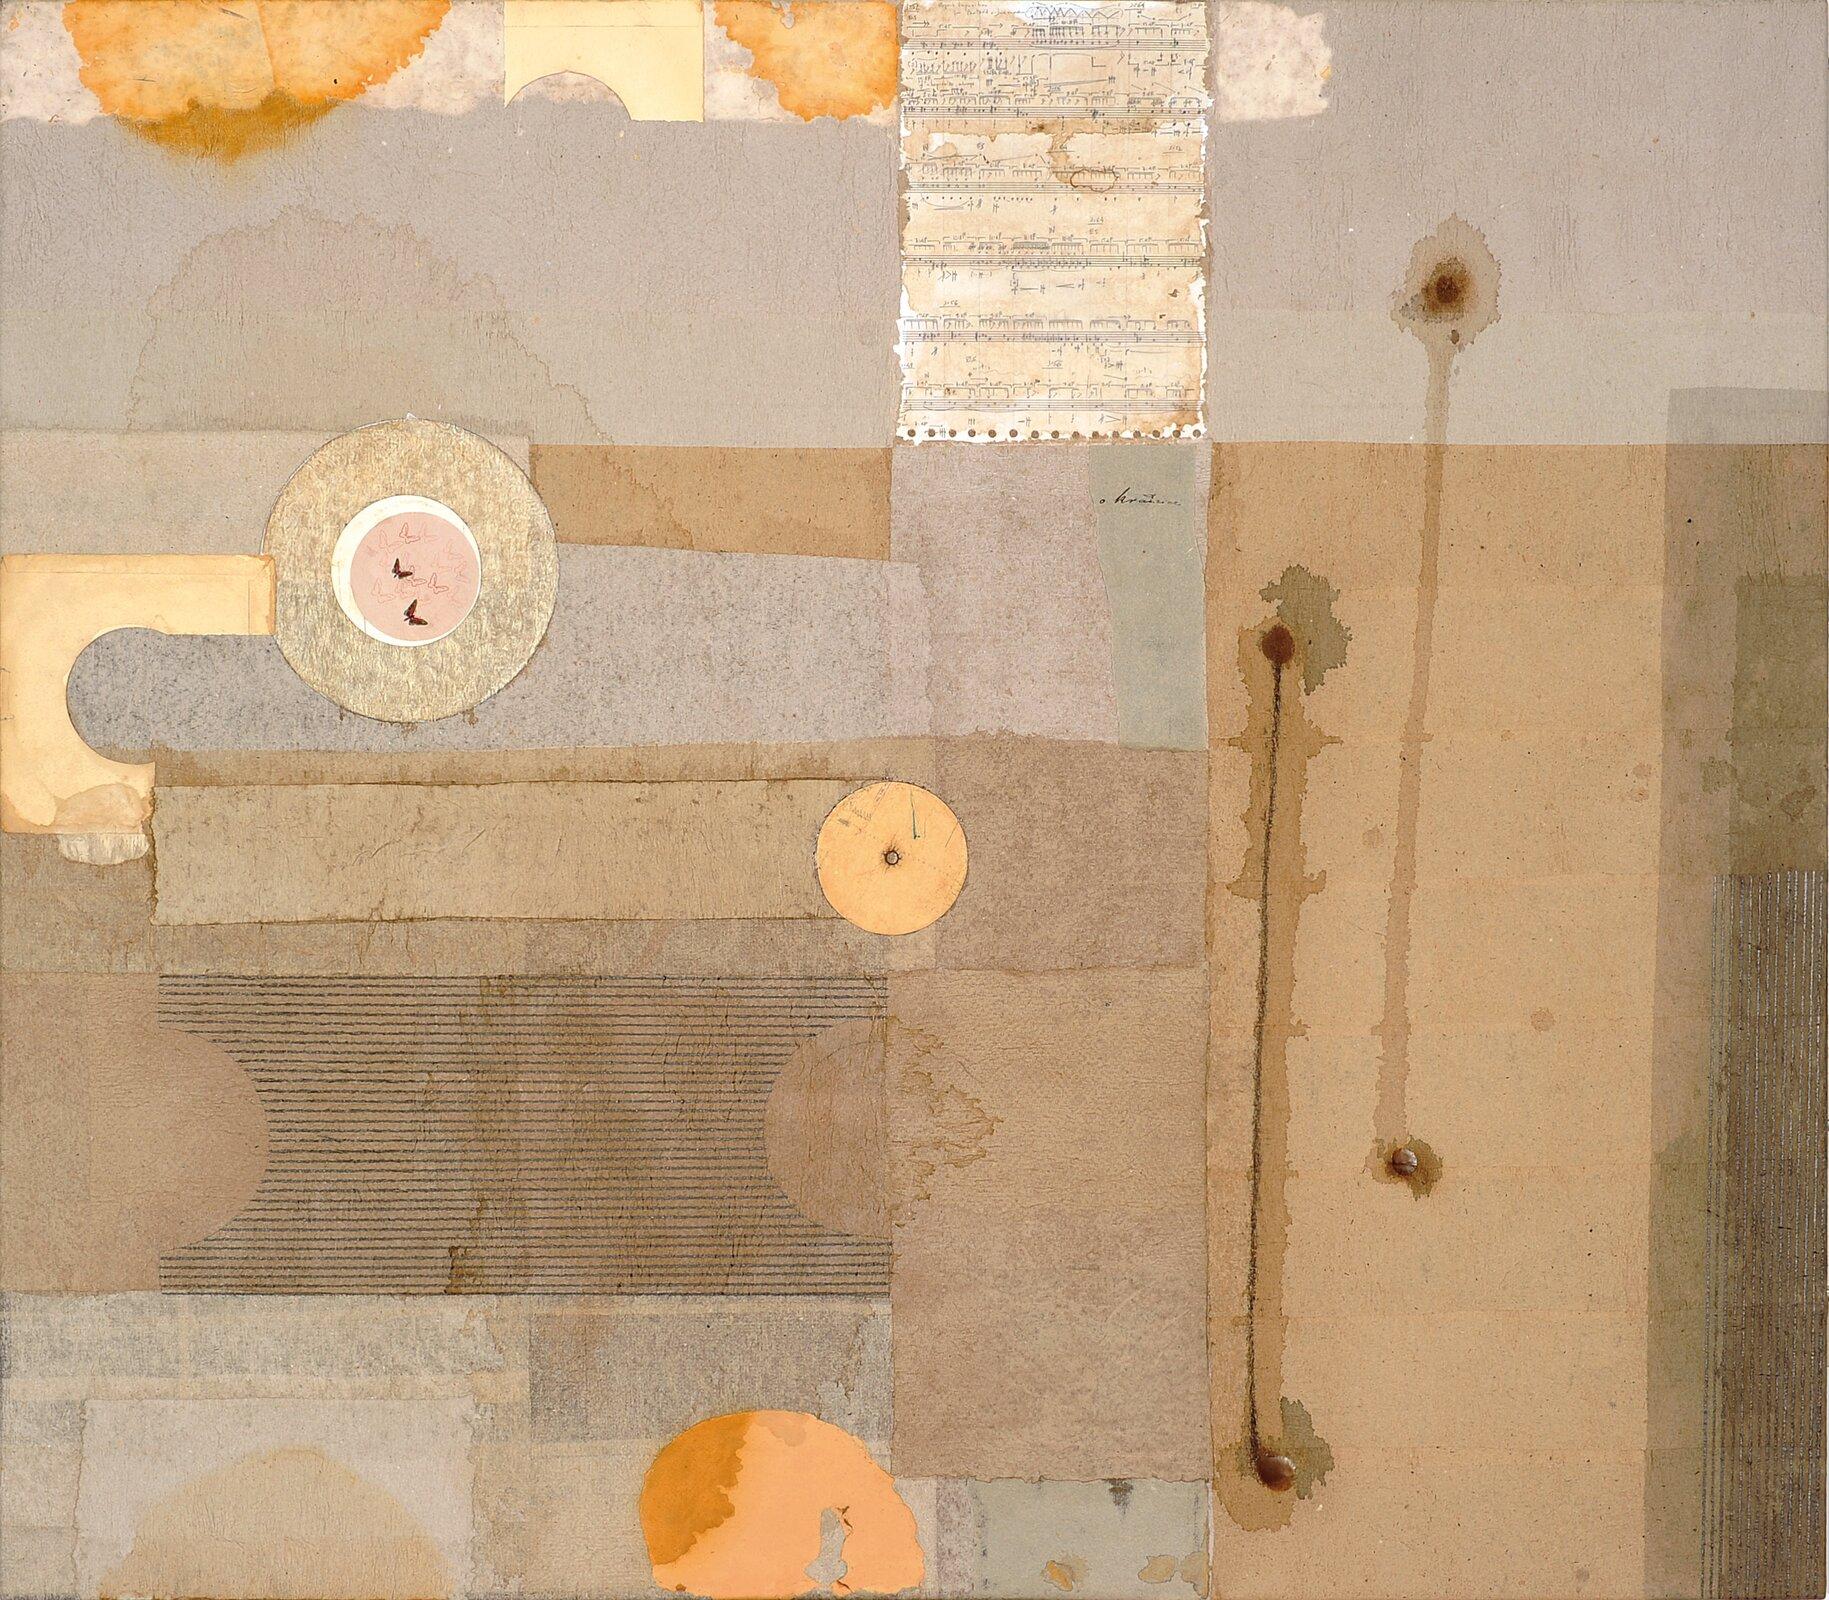 """Ilustracja przedstawia obraz """"Kompozycja zzapisem muzycznym I"""" autorstwa Ireneusza Kopacza. Abstrakcyjne dzieło wykonane jest wtechnice mieszanej. Składa się zprzyklejonych na płótno prostokątnych kształtów oraz kół. Artysta wswej pracy posłużył się różnymi rodzajami tektury ipapieru. Wgórnej partii kompozycji umieszczony został fragment partytury. Po prawej stronie znajdują się dwie rozpływające się, pionowe linie zakończone punktami. Statyczna, otwarta kompozycja utrzymana jest wtonacji beżowej zakcentami żółci ioranżu."""